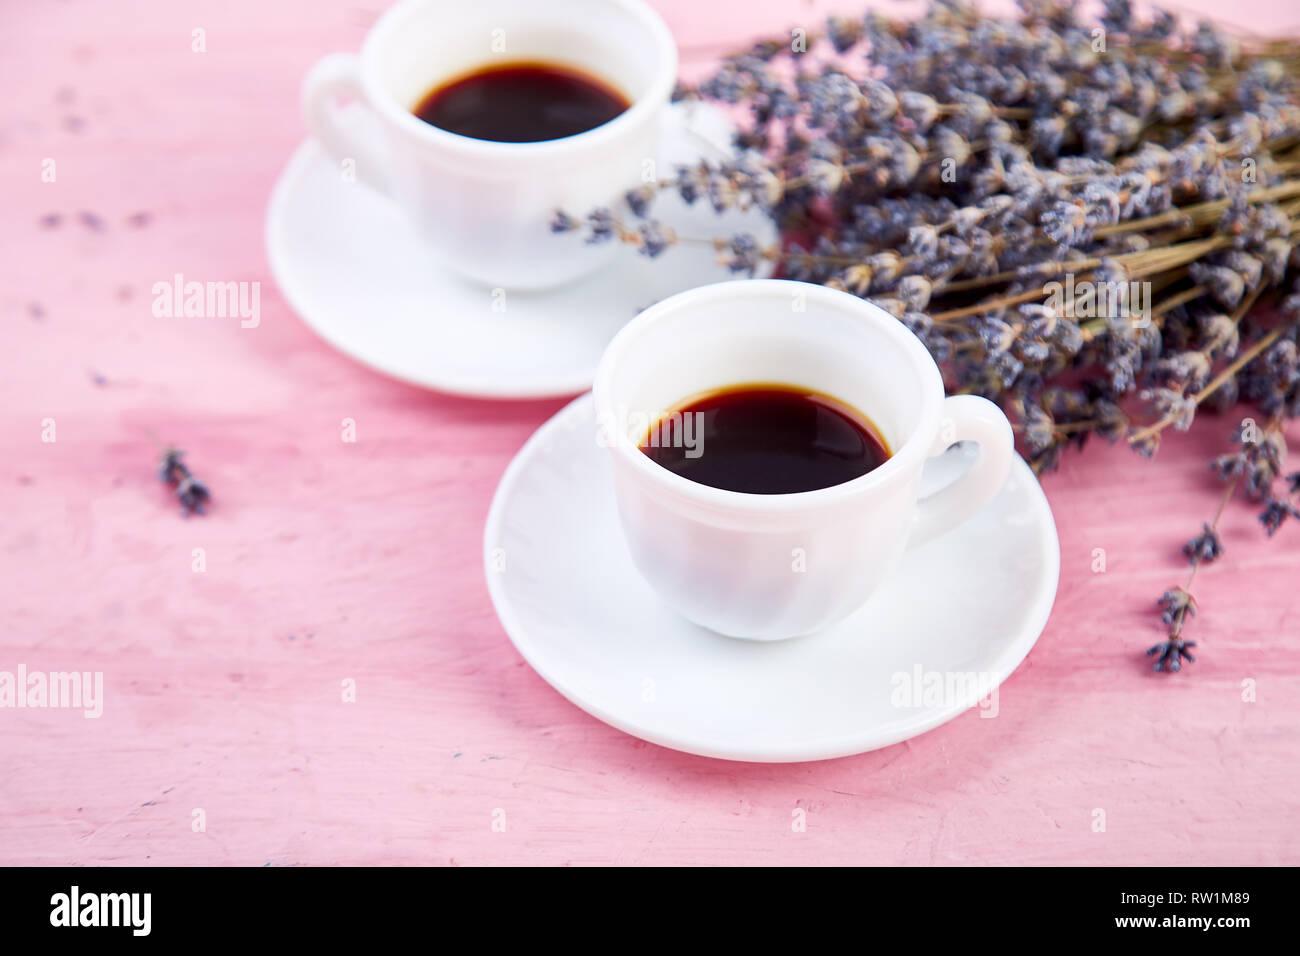 Zwei Tassen Kaffee Mit Blumenstrauß Lavendel Auf Rosa